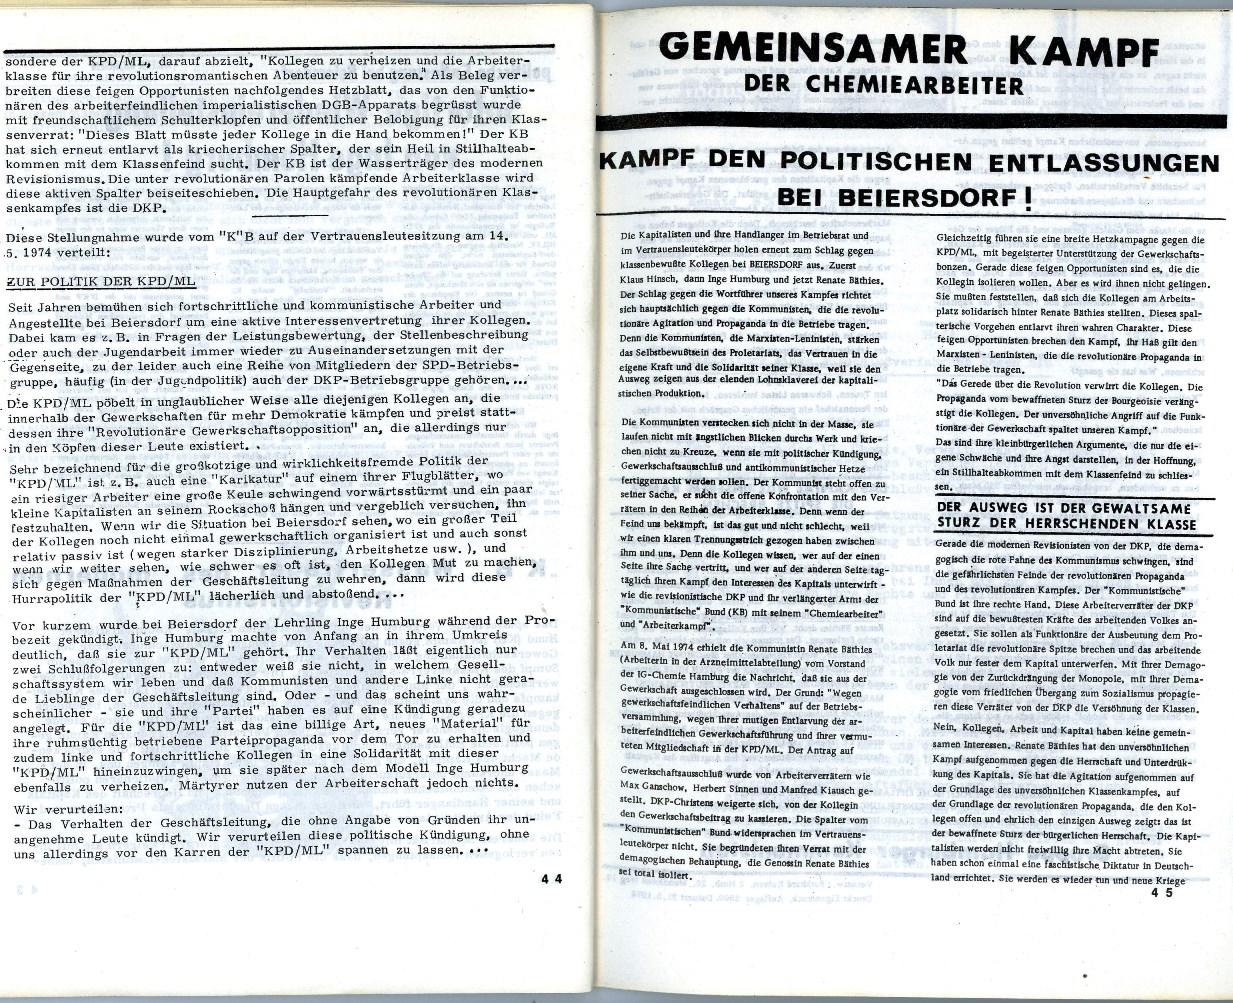 Hamburg_RH_1974_Politische_Entlassungen_24